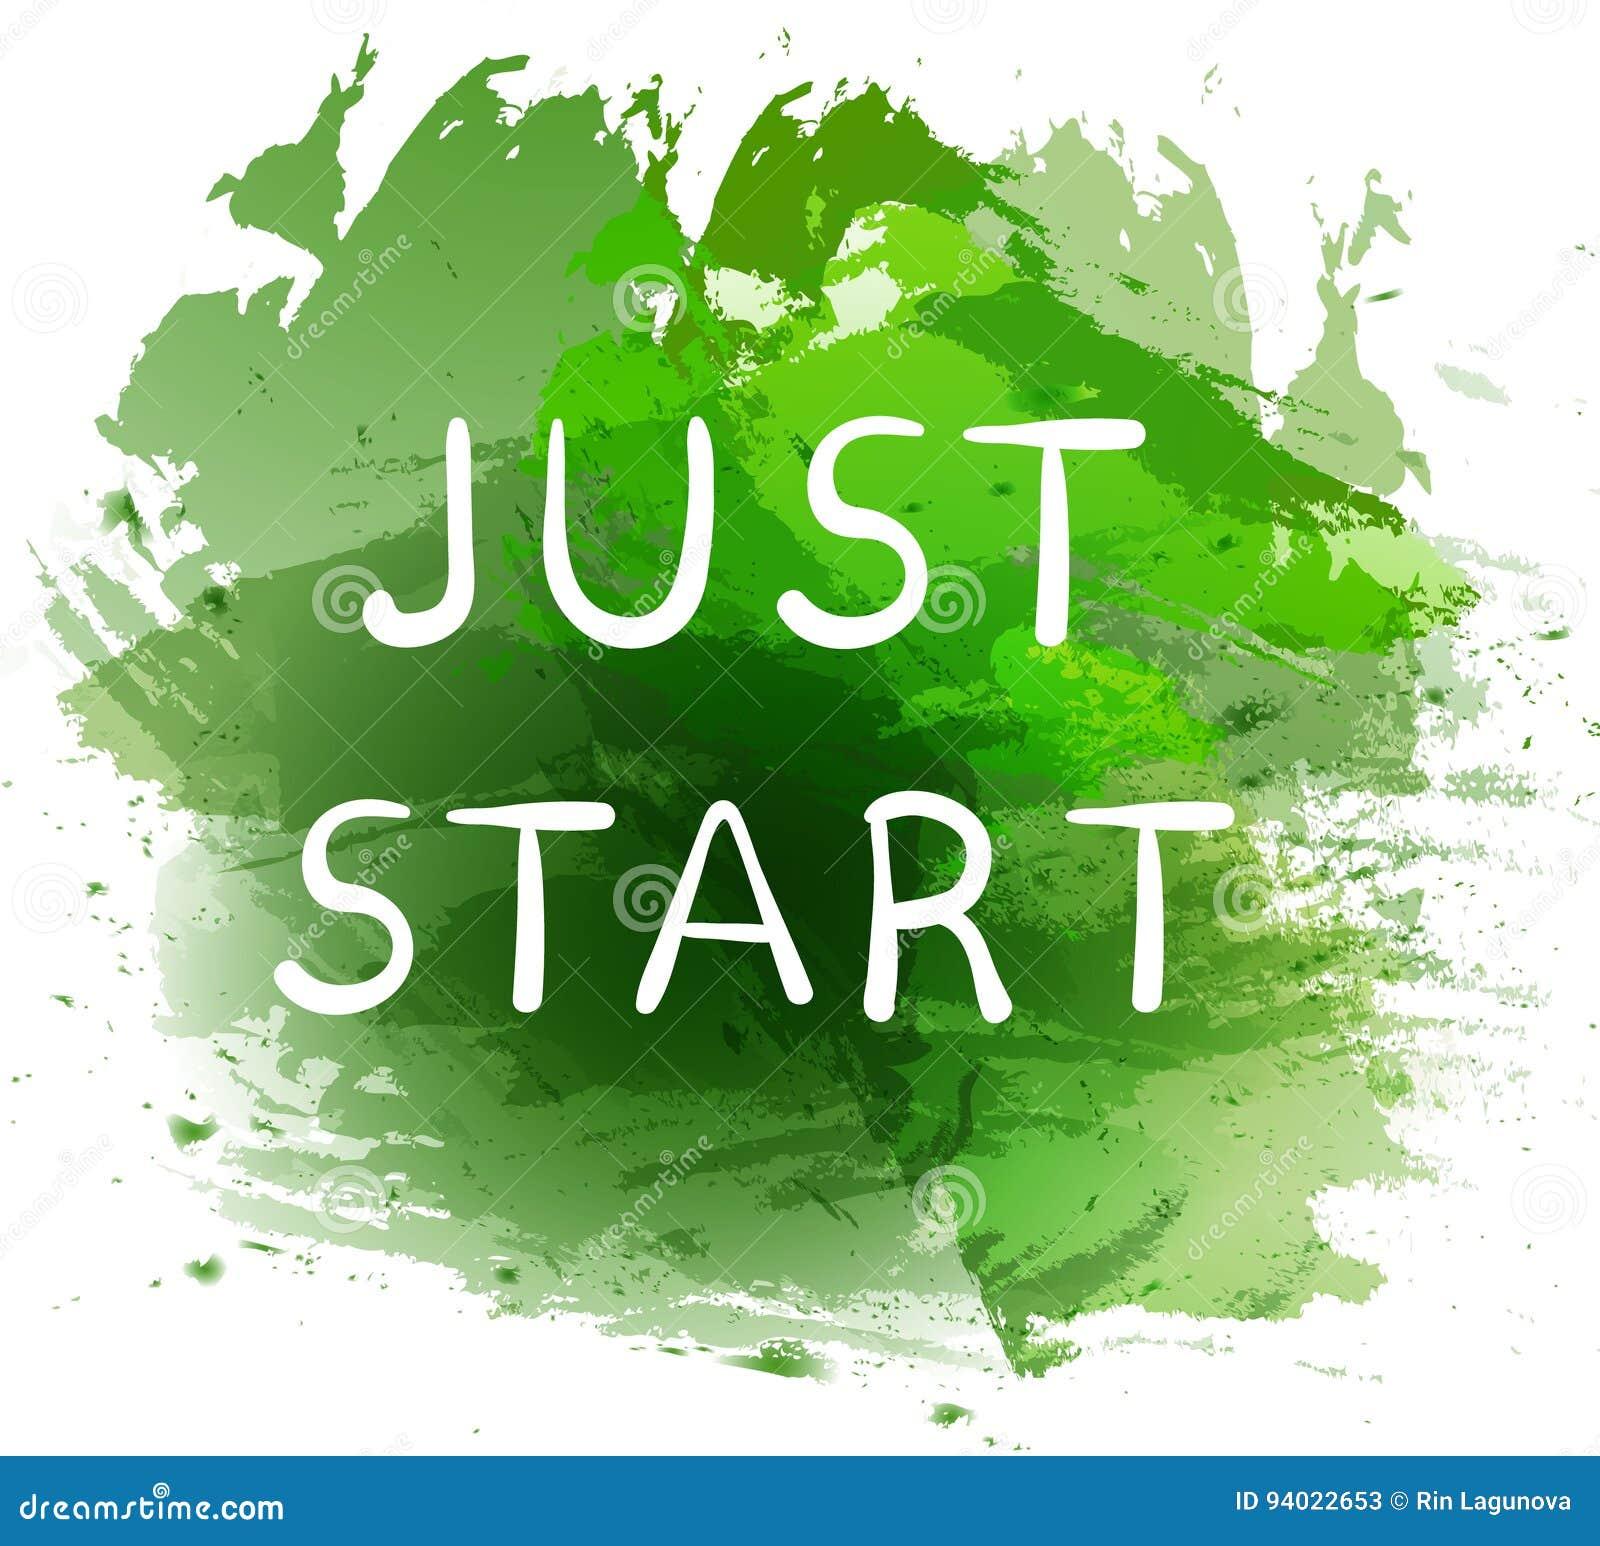 JUST START. Motivational phrase on green paint splash background. Hand written white letters.